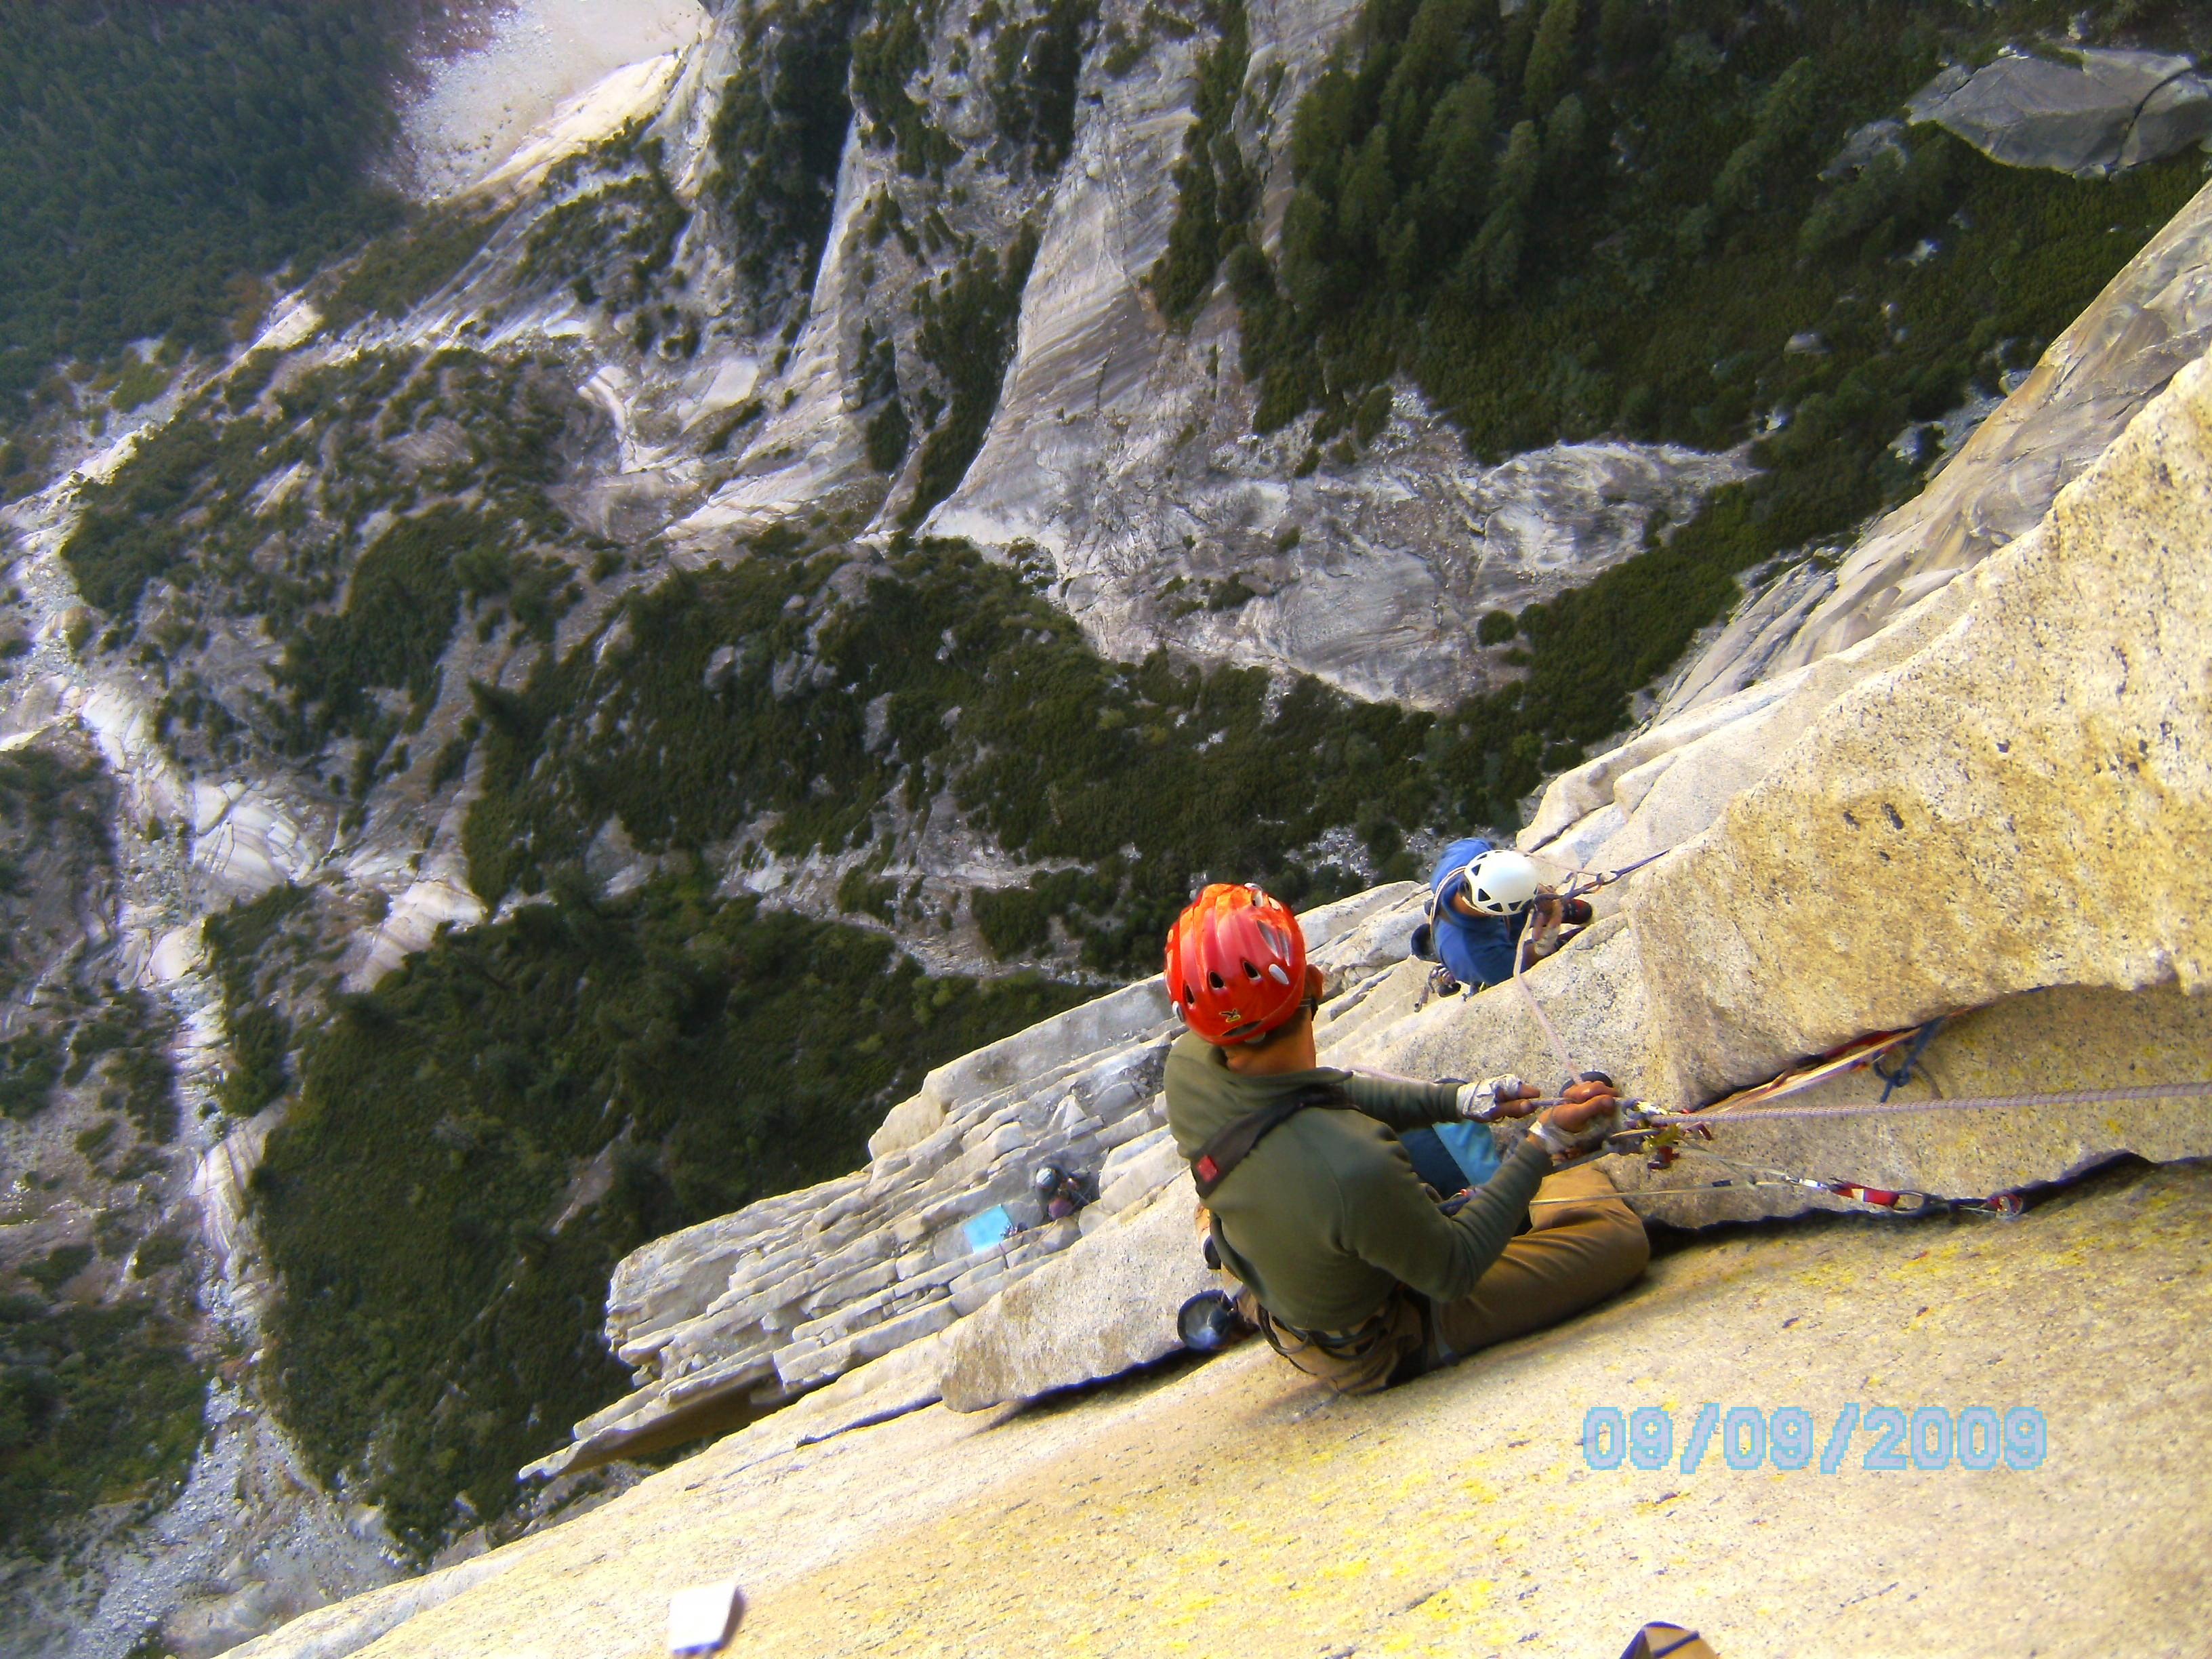 Bester Alpin Klettergurt : Klettergurt klettersteiggurt kaufen u welcher ist der richtige